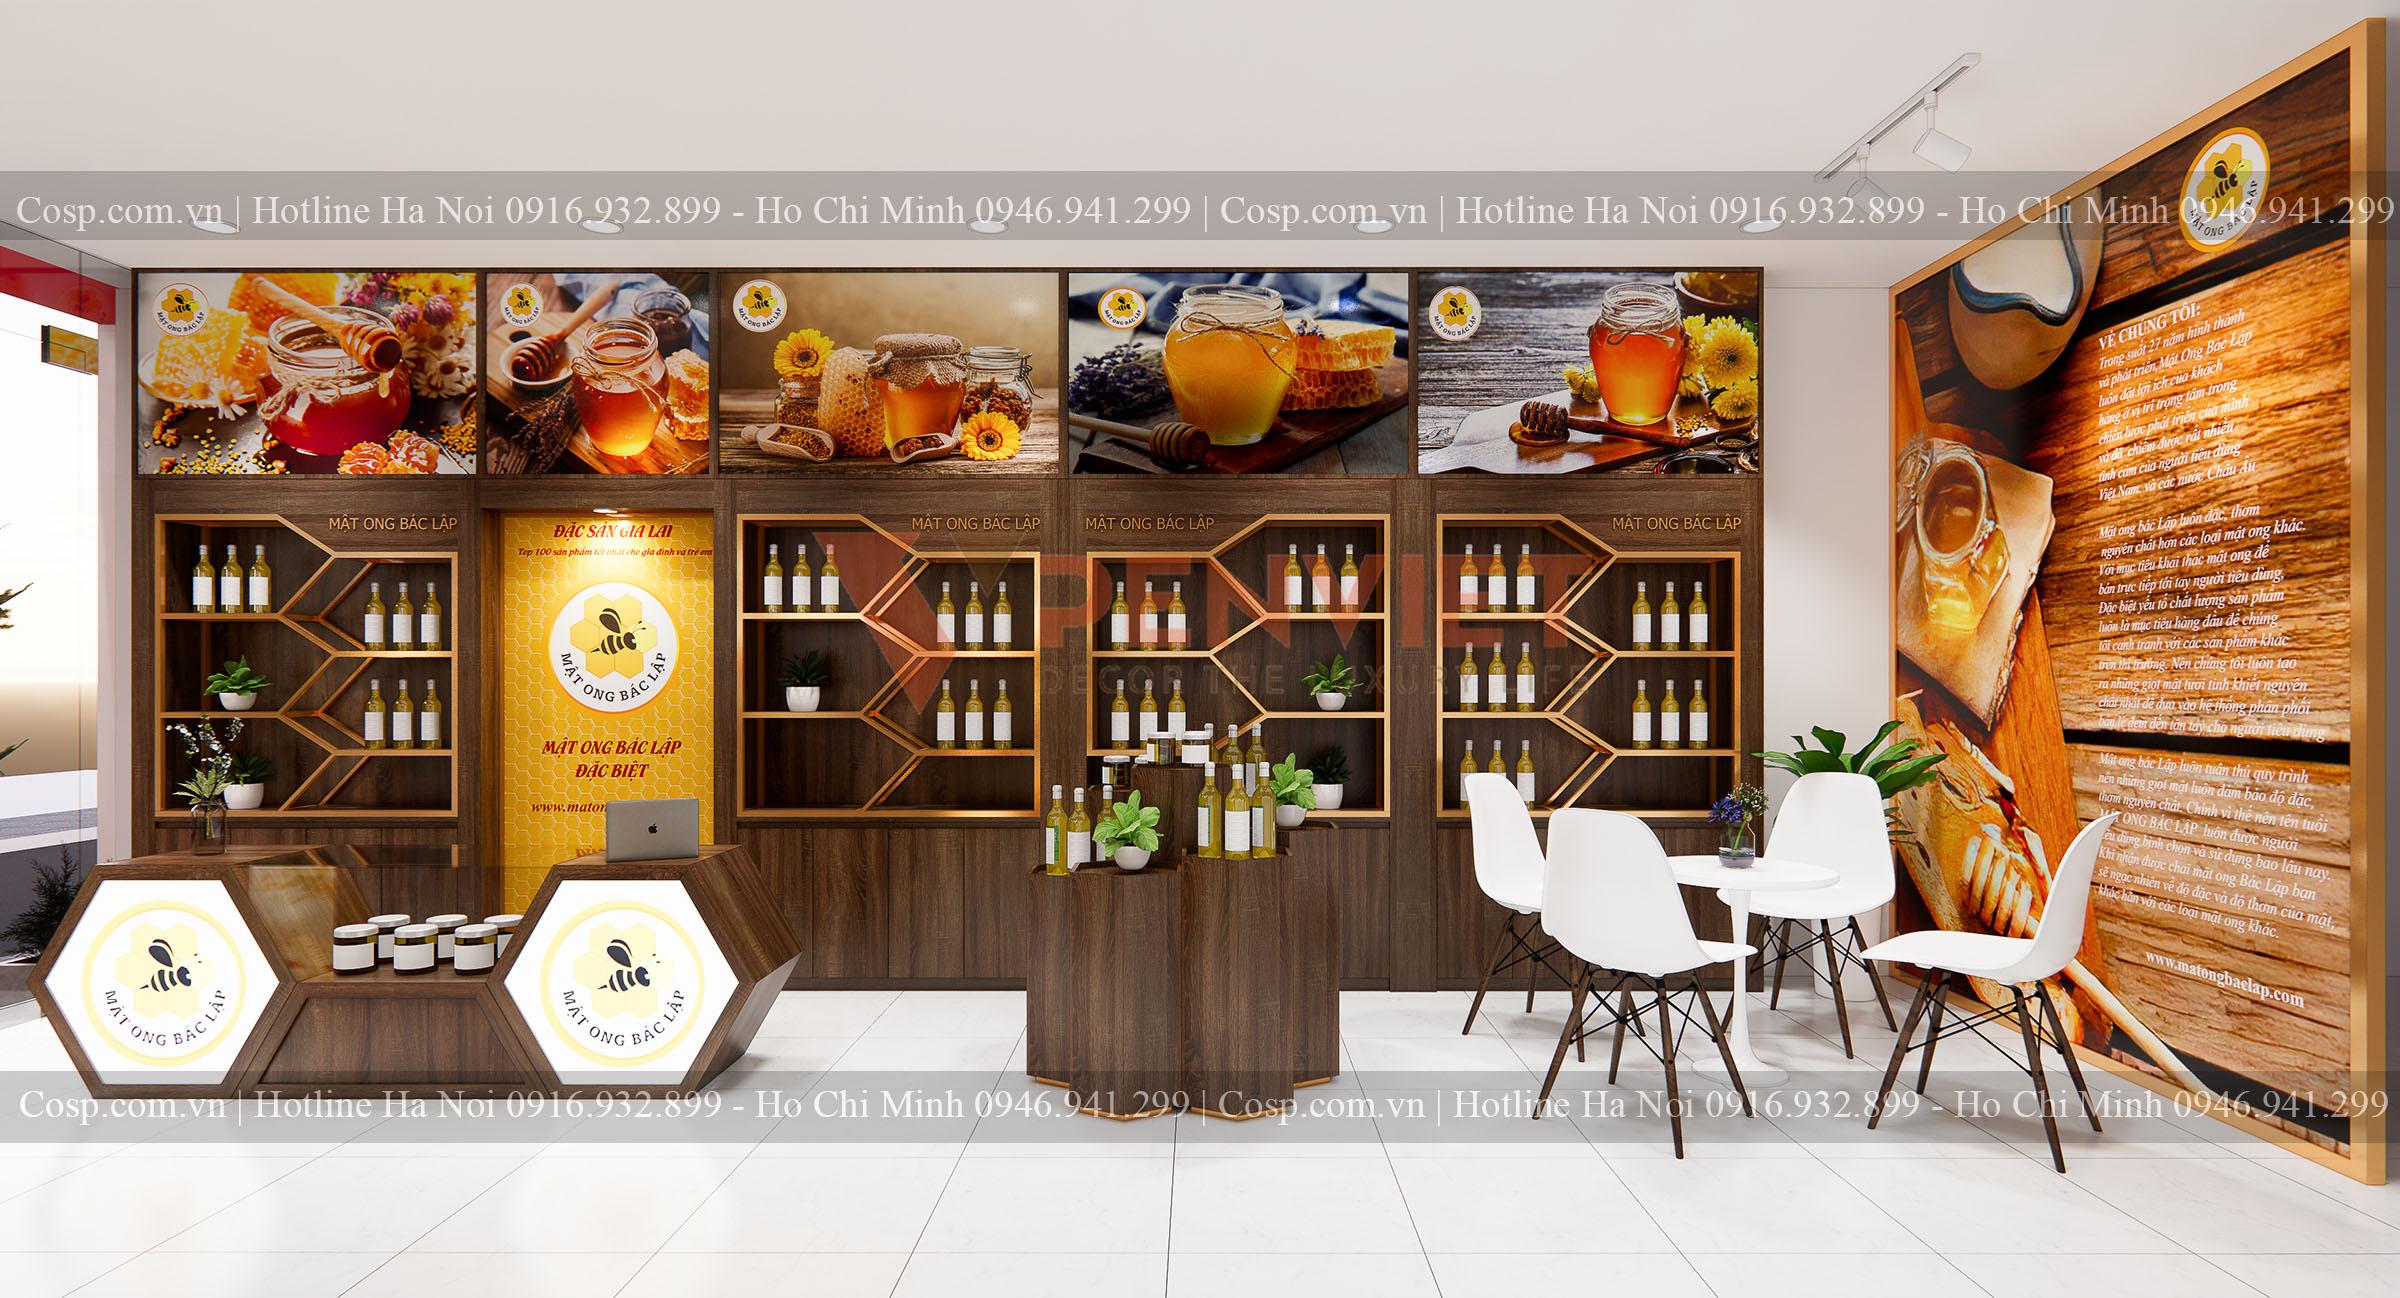 Kệ sát tường bên trái của mẫu Thiết kế shop mật ong Bác Lập